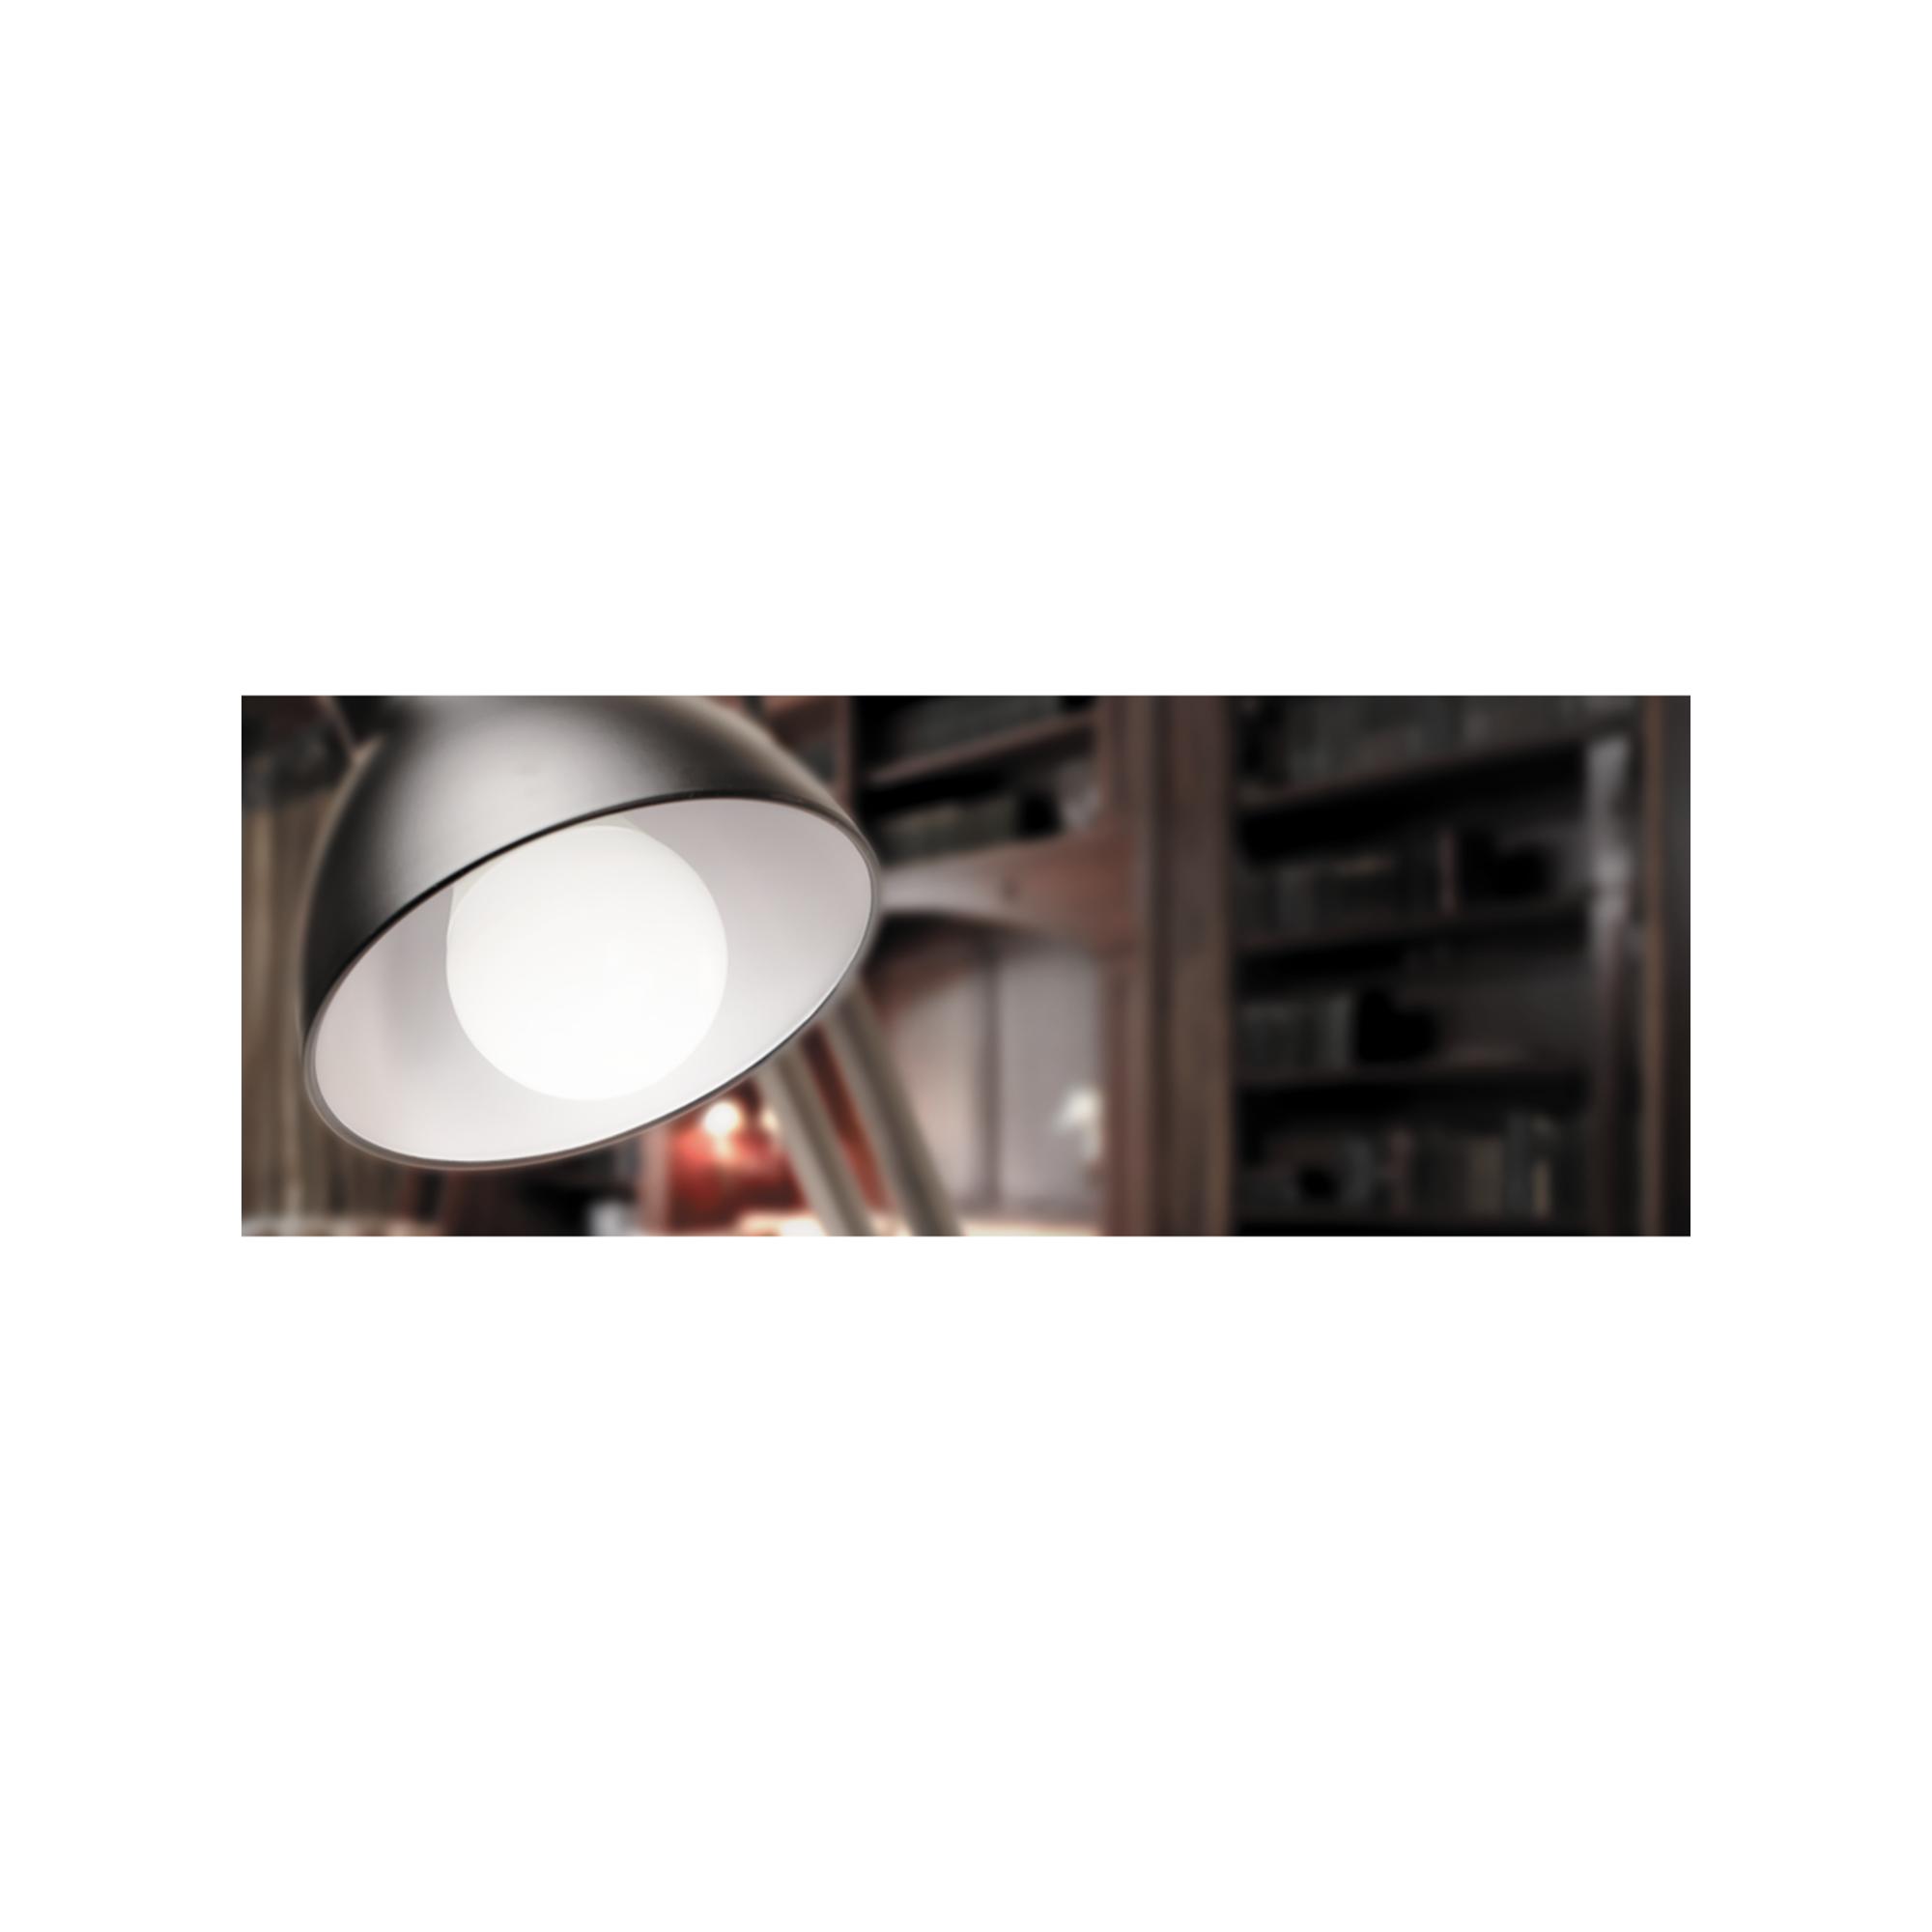 Светодиодная лампочка Фотон 23421 E27 630 Лм 8 Вт